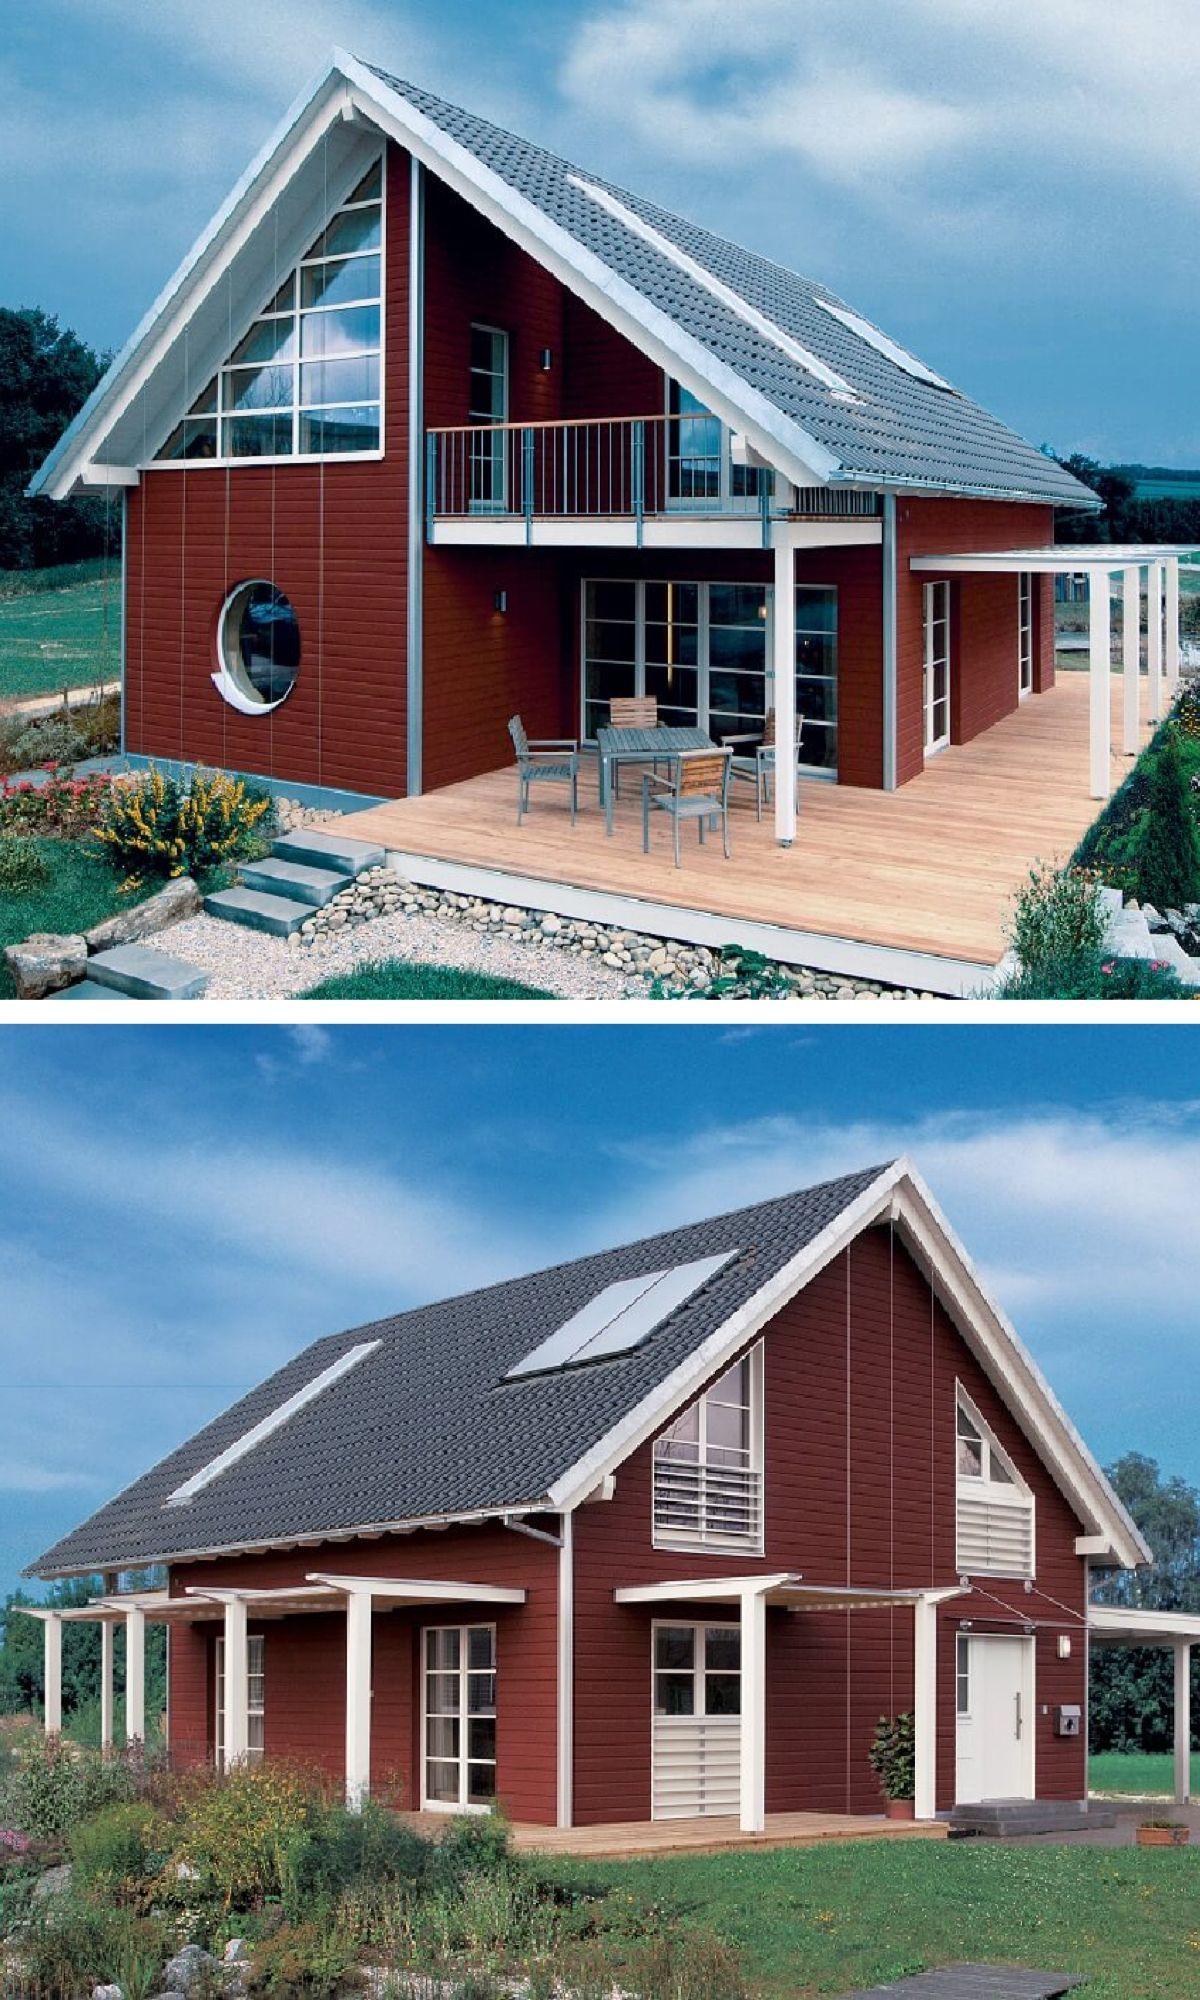 Einfamilienhaus im Landhausstil skandinavisch mit Holz Fassade rot ...